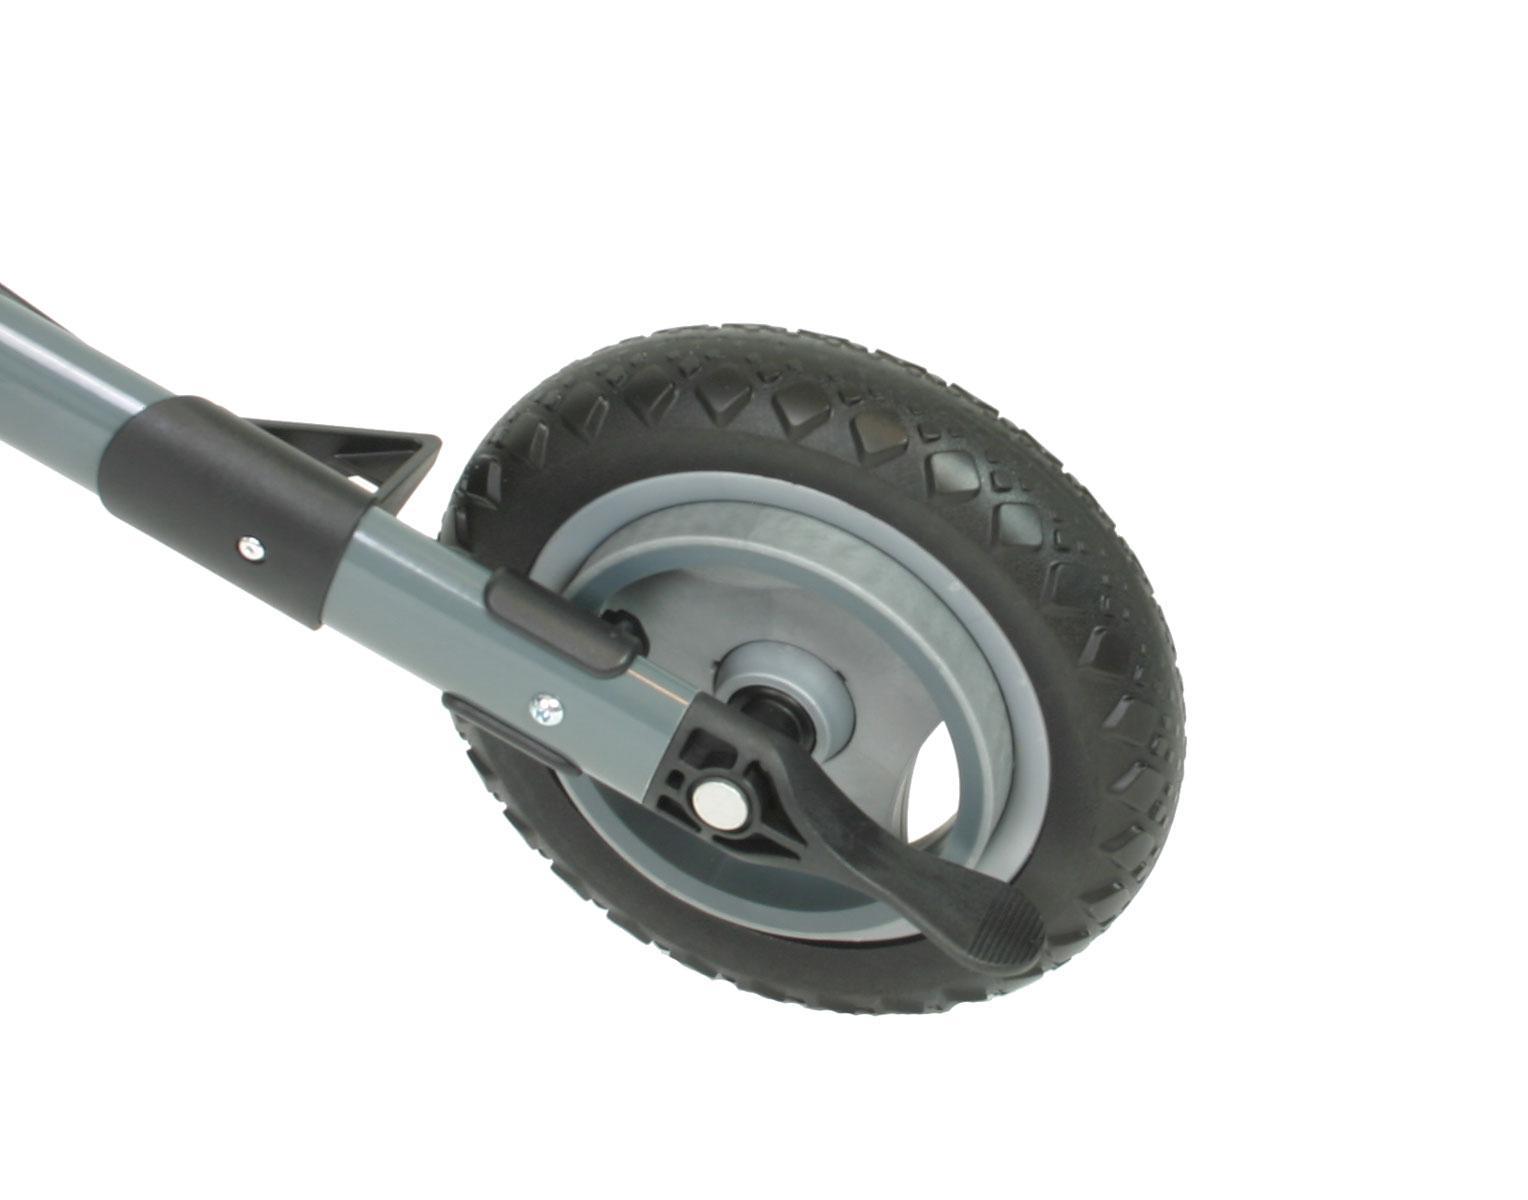 Topro - innenliegendes Bremssystem (IBS)